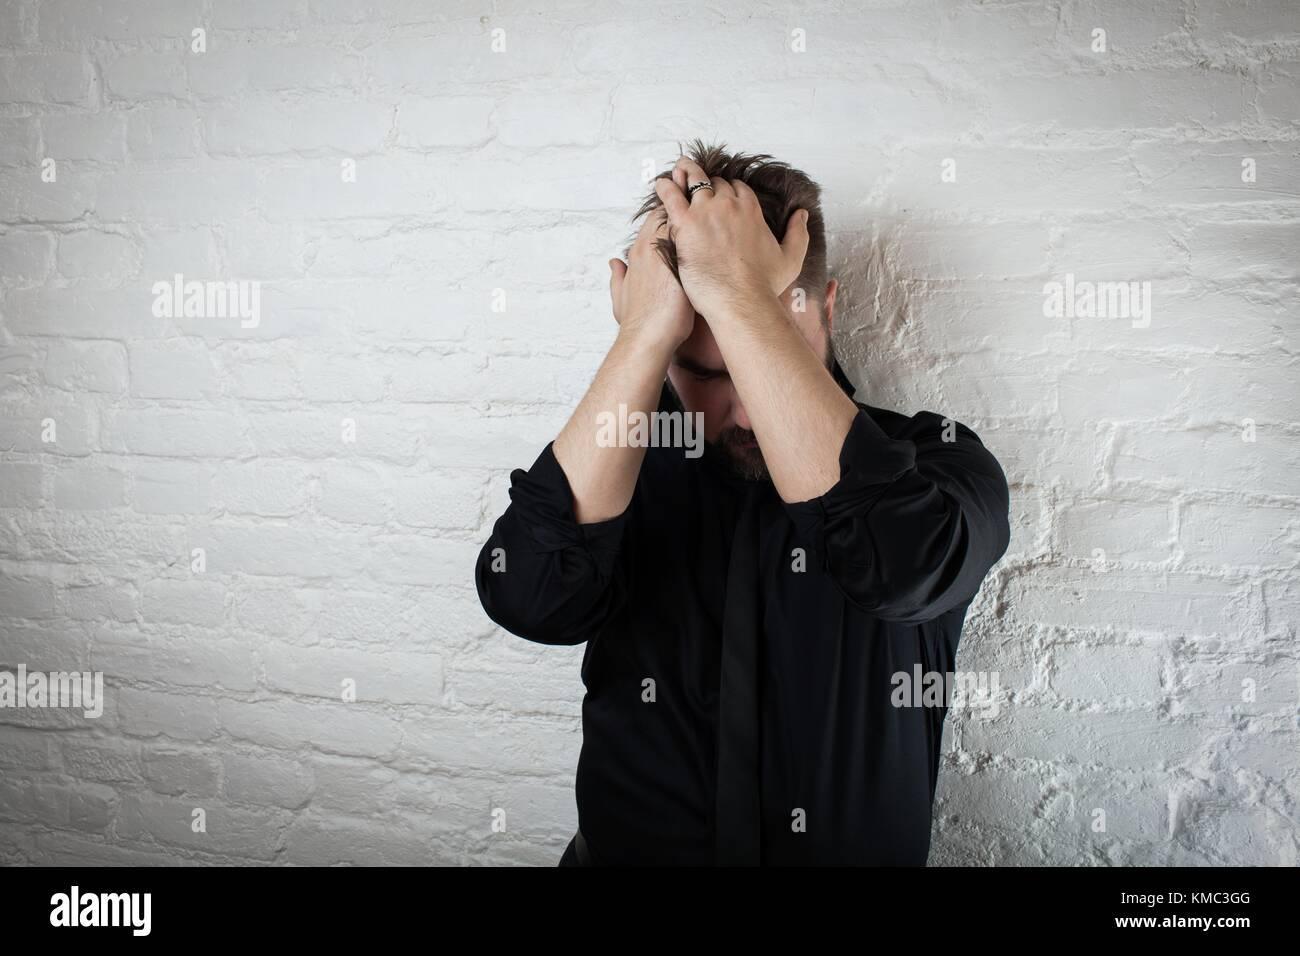 L'homme abattu tient sa tête alors qu'il souffre de dépression et l'échec. l'utiliser Photo Stock